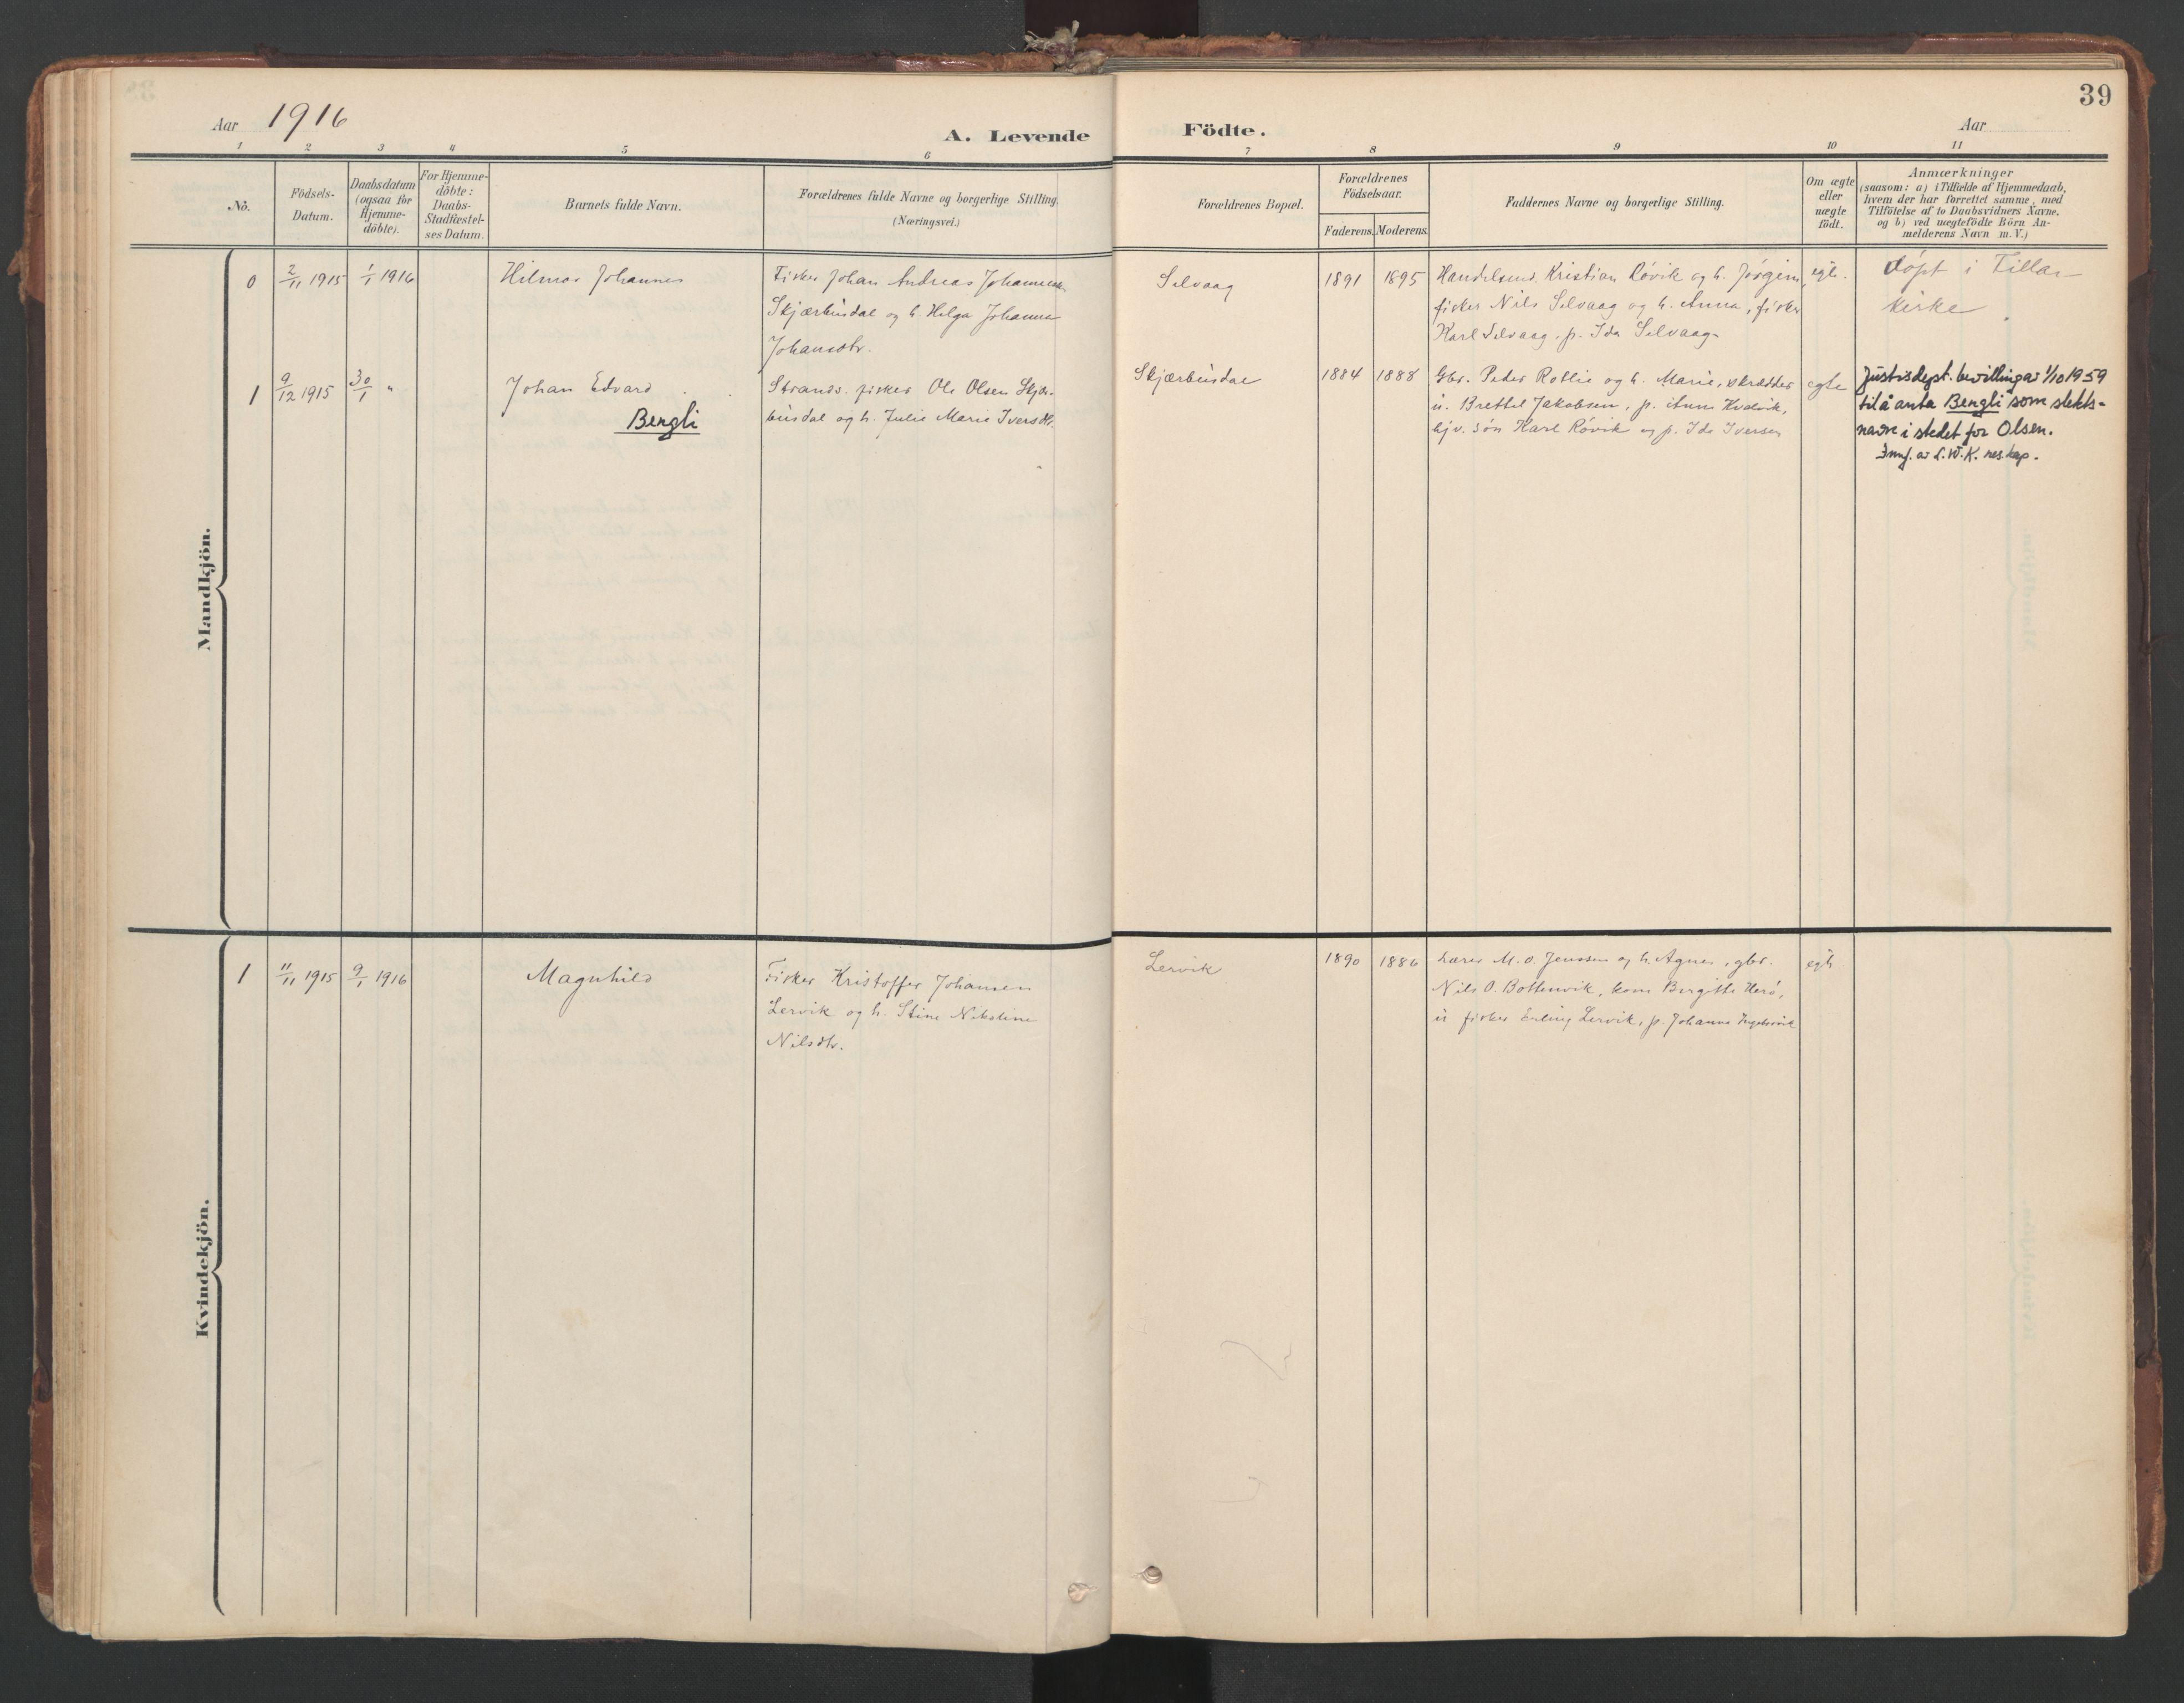 SAT, Ministerialprotokoller, klokkerbøker og fødselsregistre - Sør-Trøndelag, 638/L0568: Ministerialbok nr. 638A01, 1901-1916, s. 39